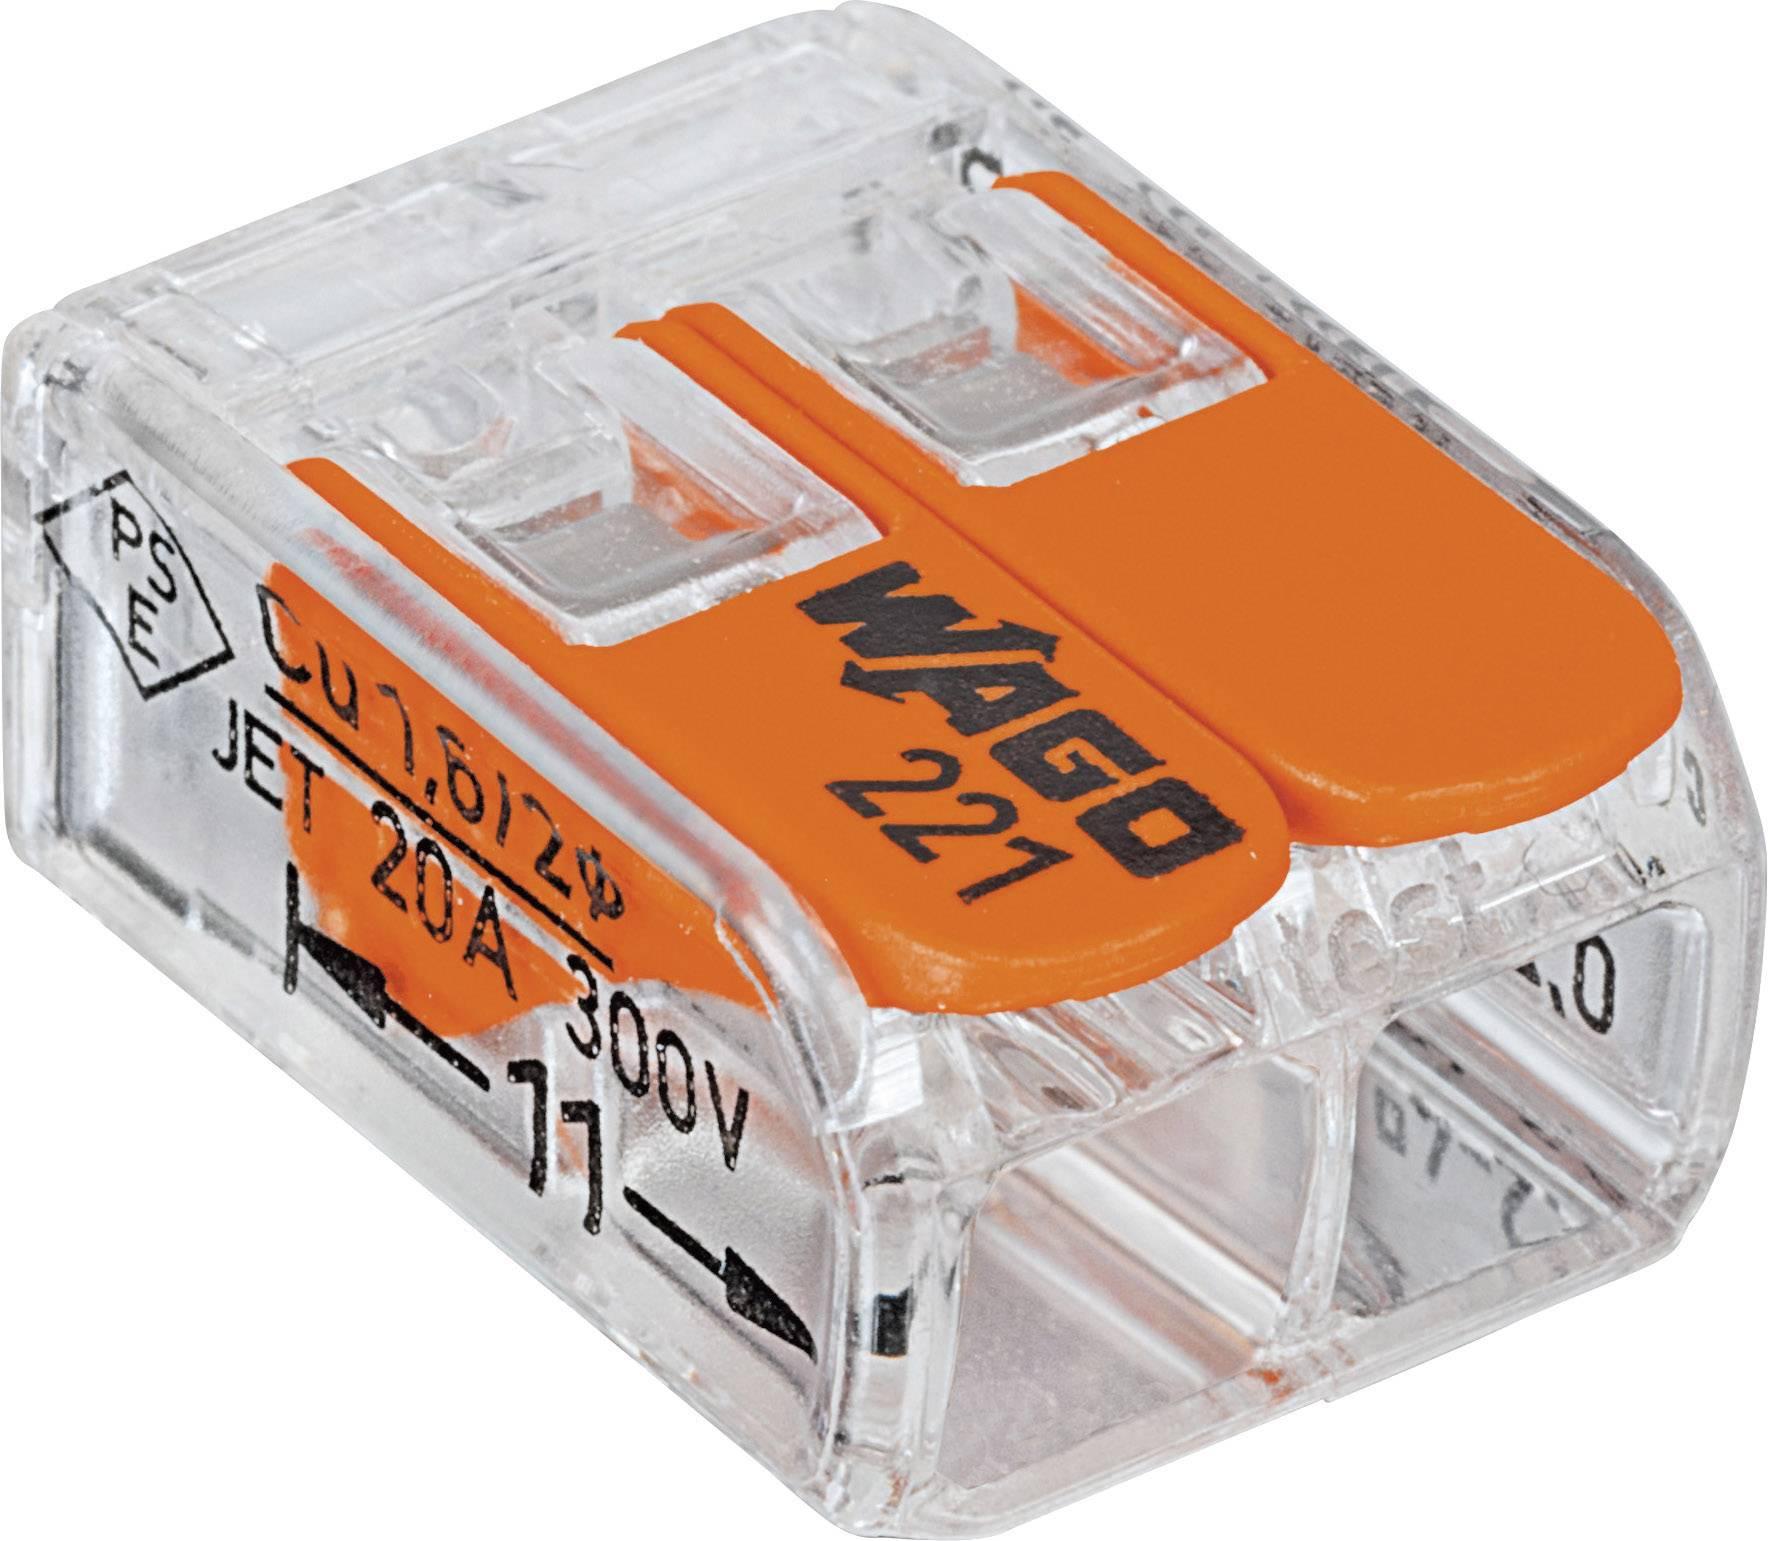 Flexibilná svorka Wago 221-412, 2 póly, oranžová